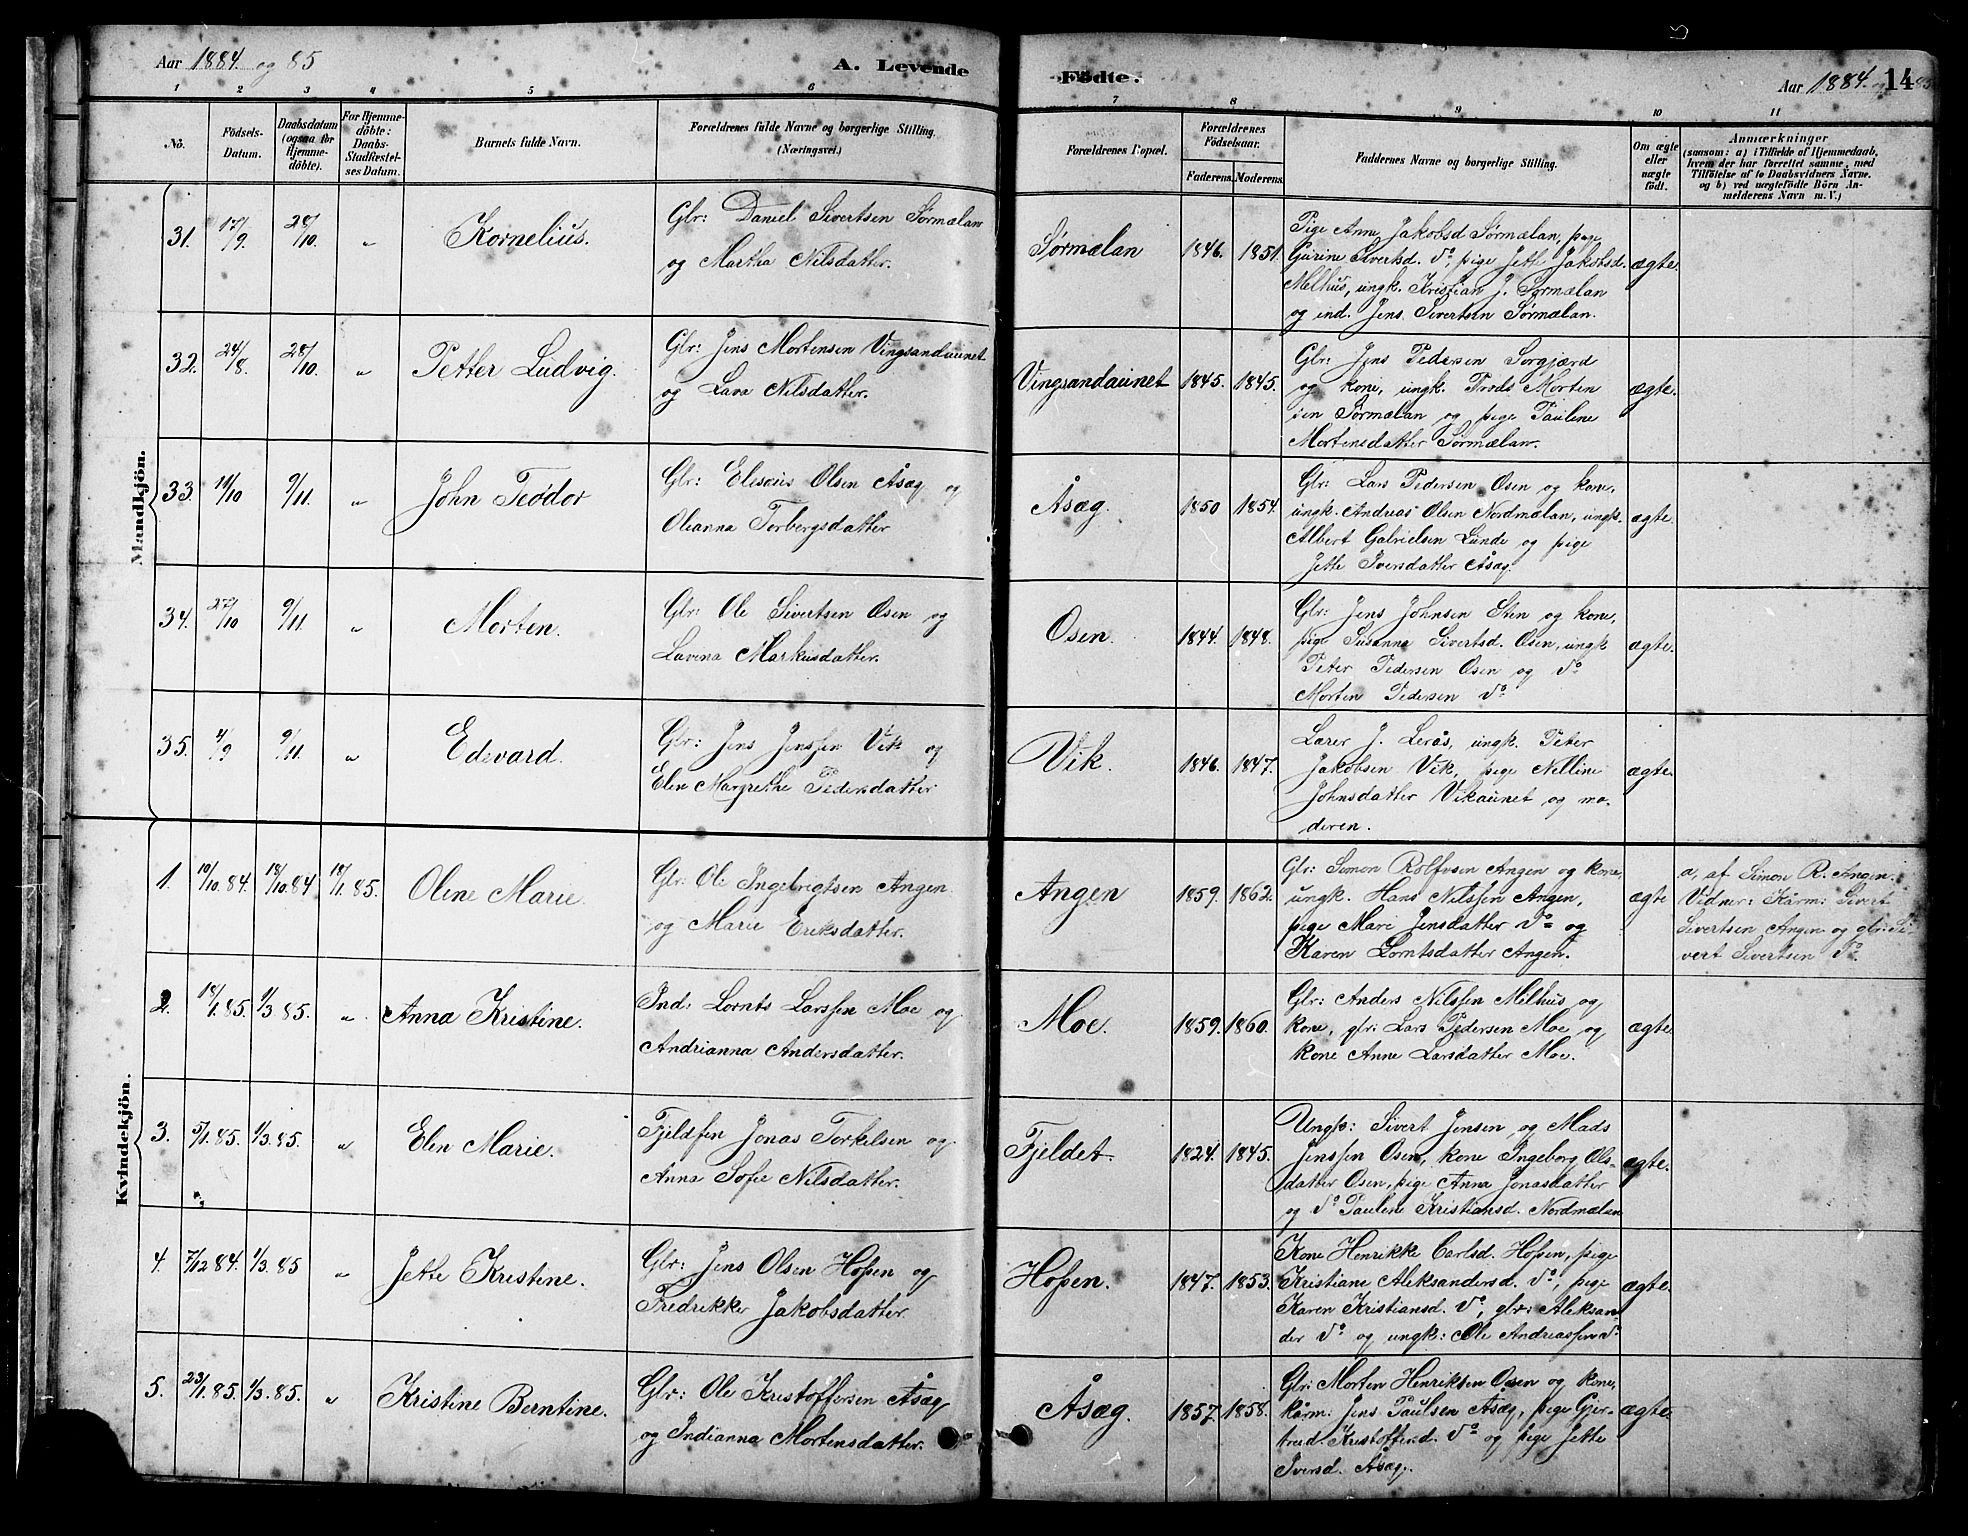 SAT, Ministerialprotokoller, klokkerbøker og fødselsregistre - Sør-Trøndelag, 658/L0726: Klokkerbok nr. 658C02, 1883-1908, s. 14